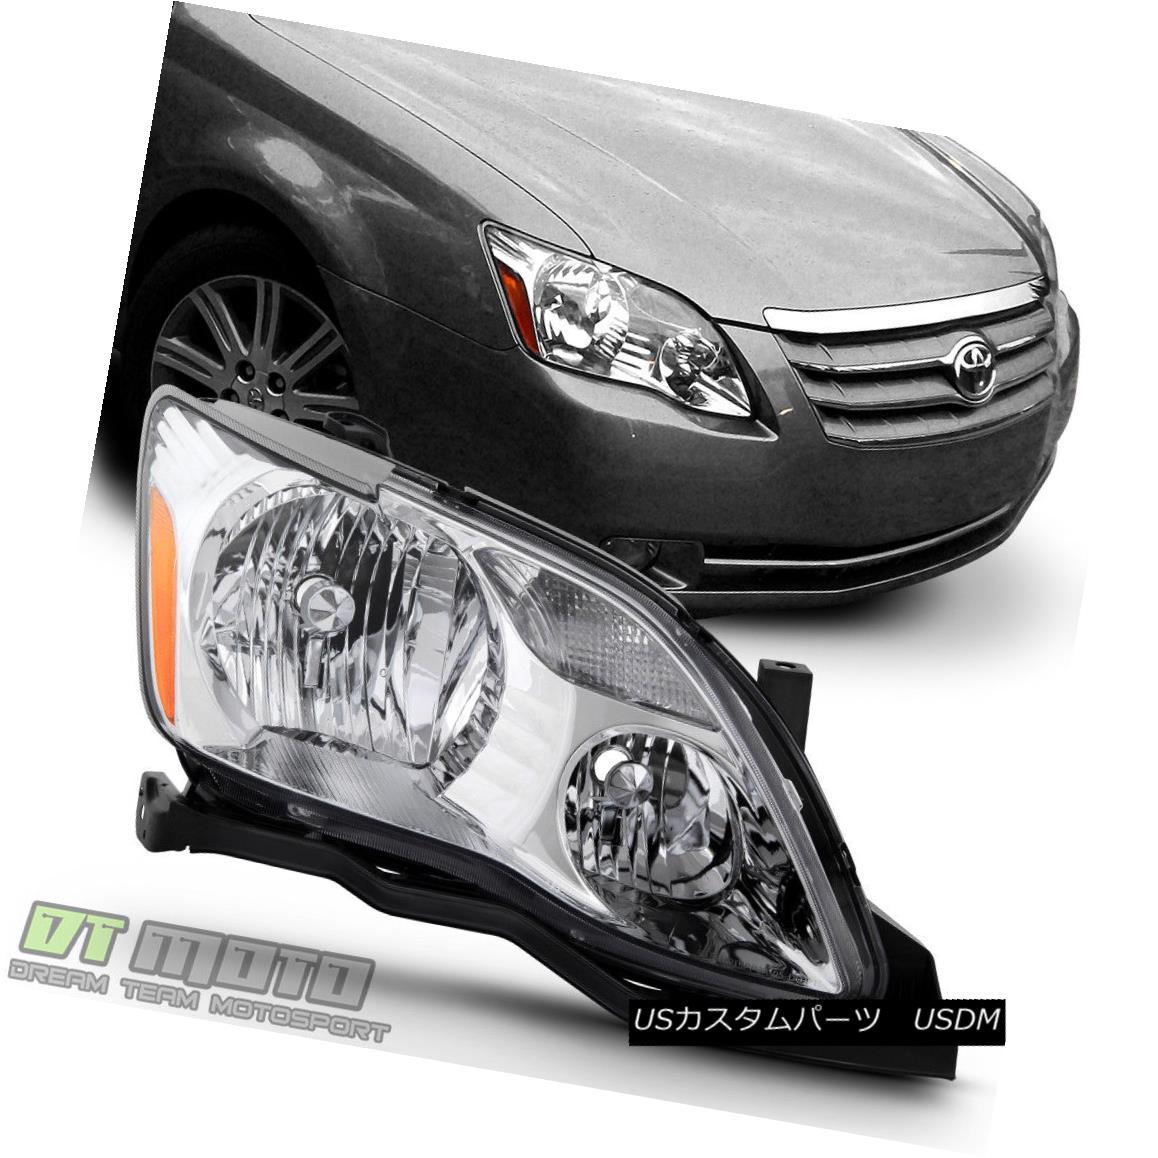 ヘッドライト Halogen Model 2005 2006 2007 Toyota Avalon Headlight Headlamp RH Passenger Side ハロゲンモデル2005 2006 2007トヨタアバロンヘッドライトヘッドランプRH助手席側